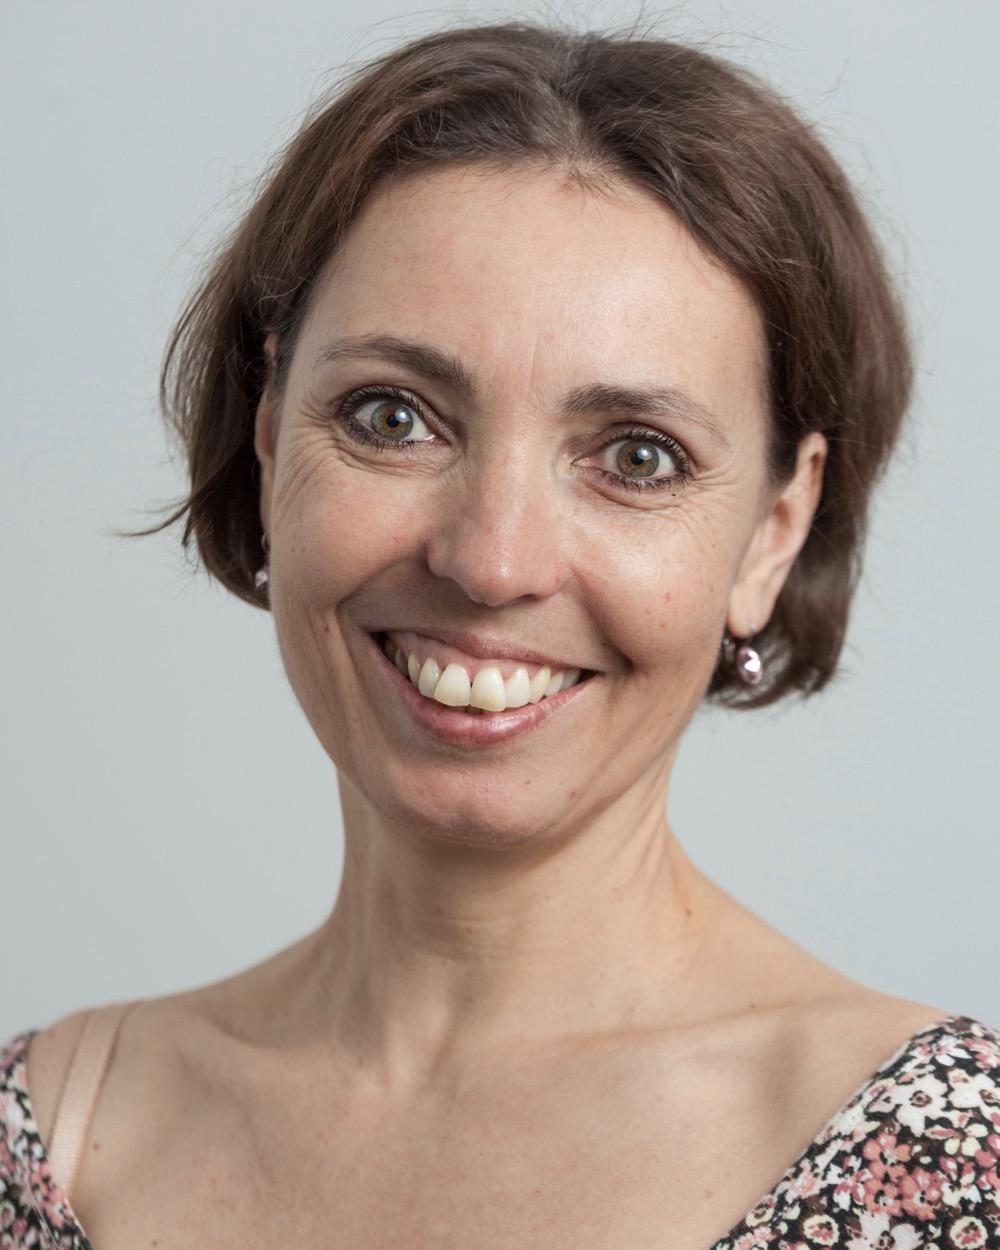 Jasmin Ackermann